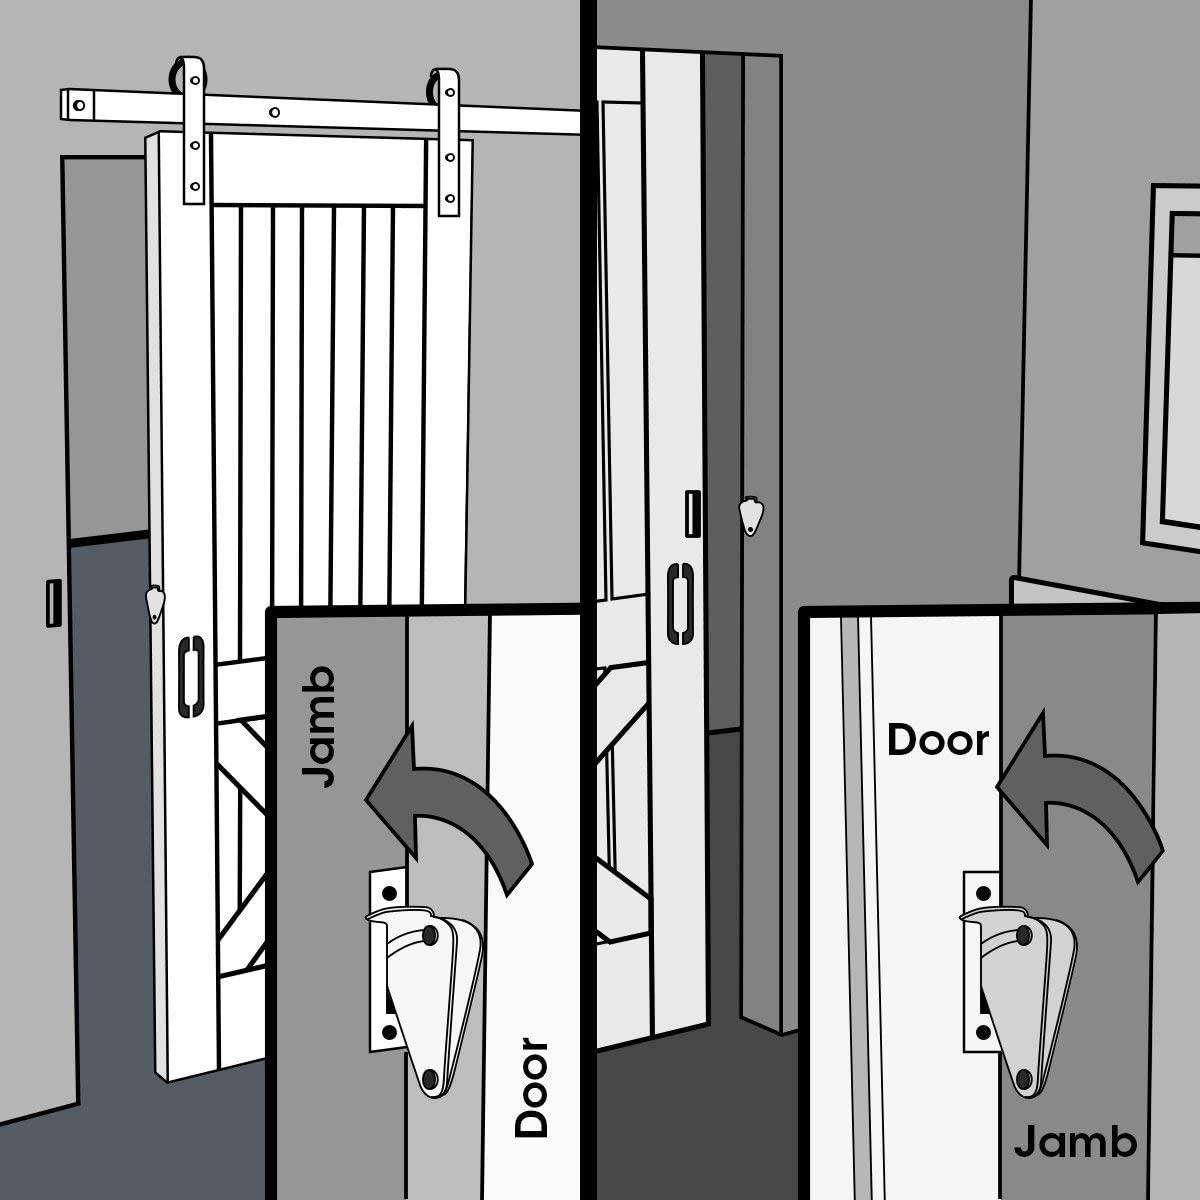 Comment mettre un verrou sur une porte coulissante ?